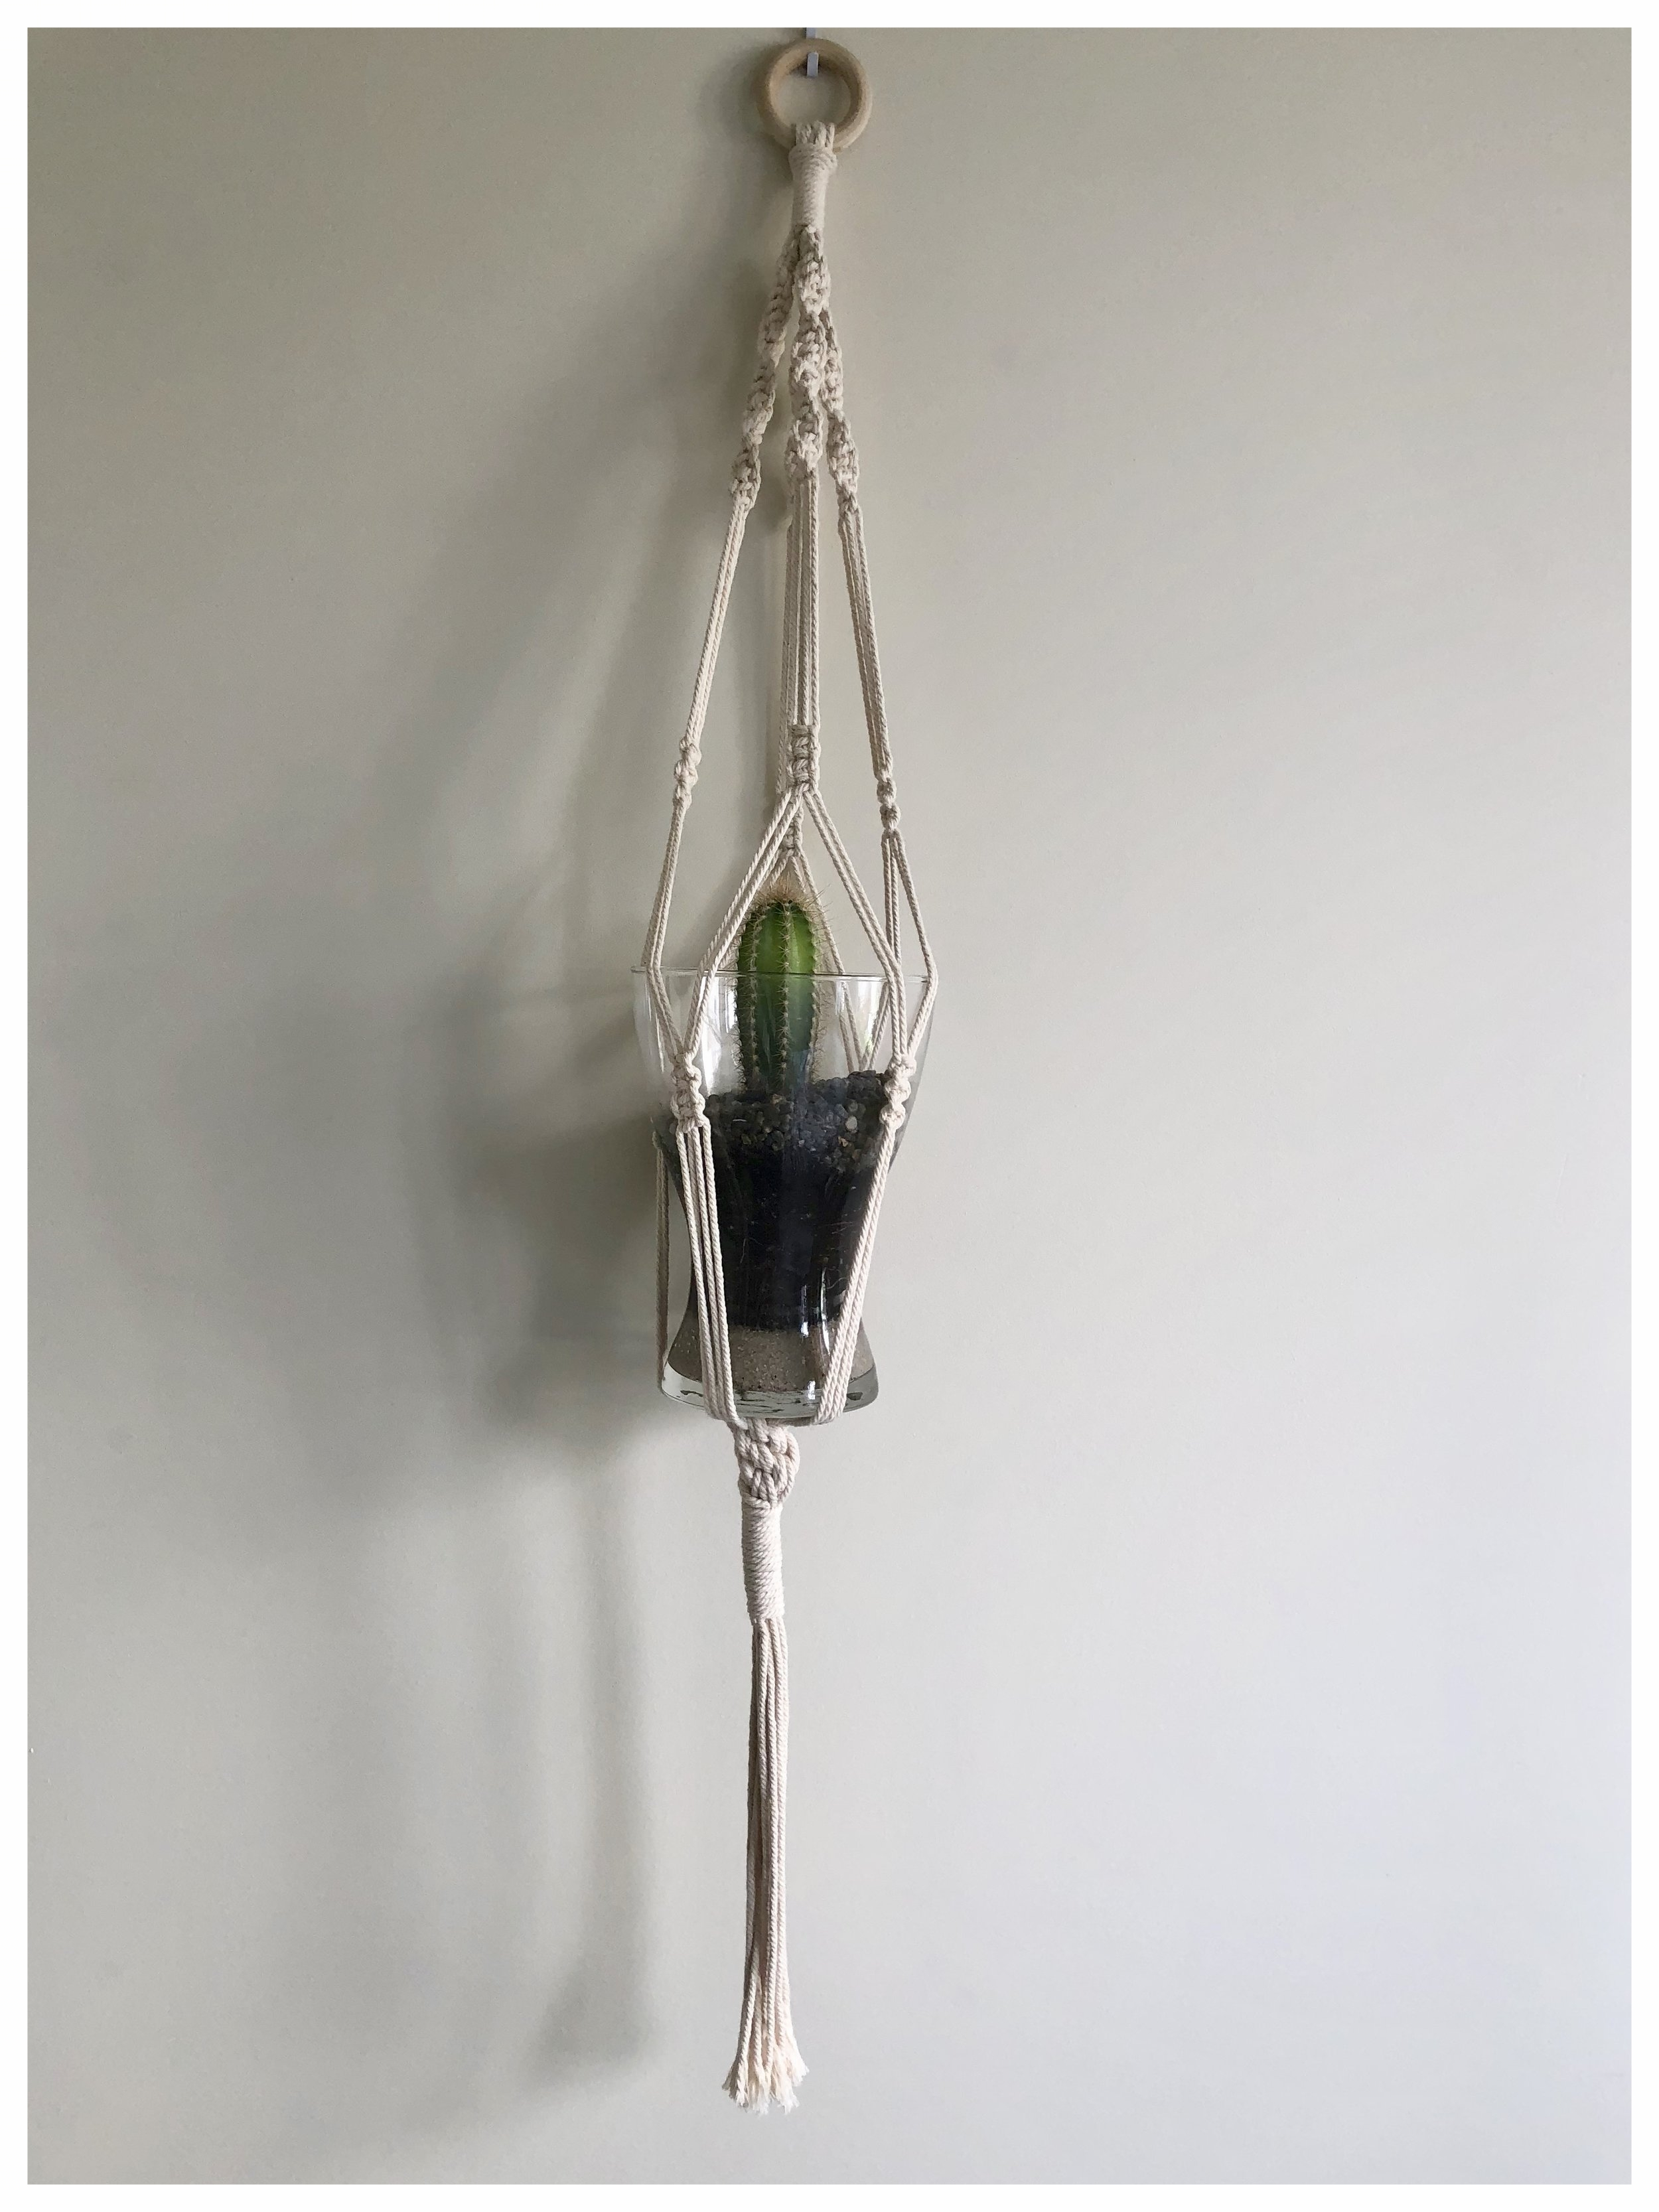 Handmade macrame plant holder £25